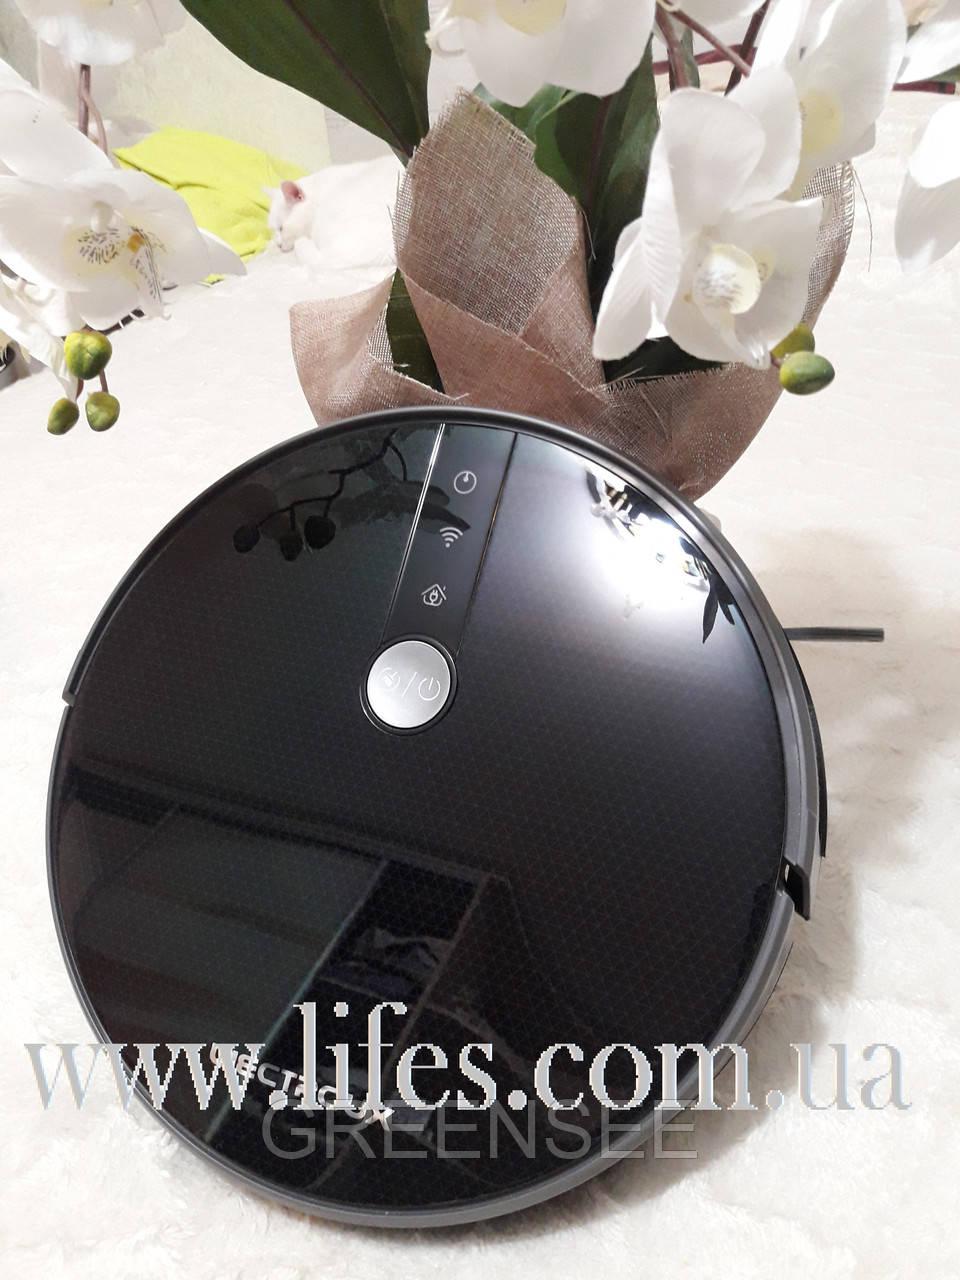 Робот - пылесос Lifes-E1 модель 2018